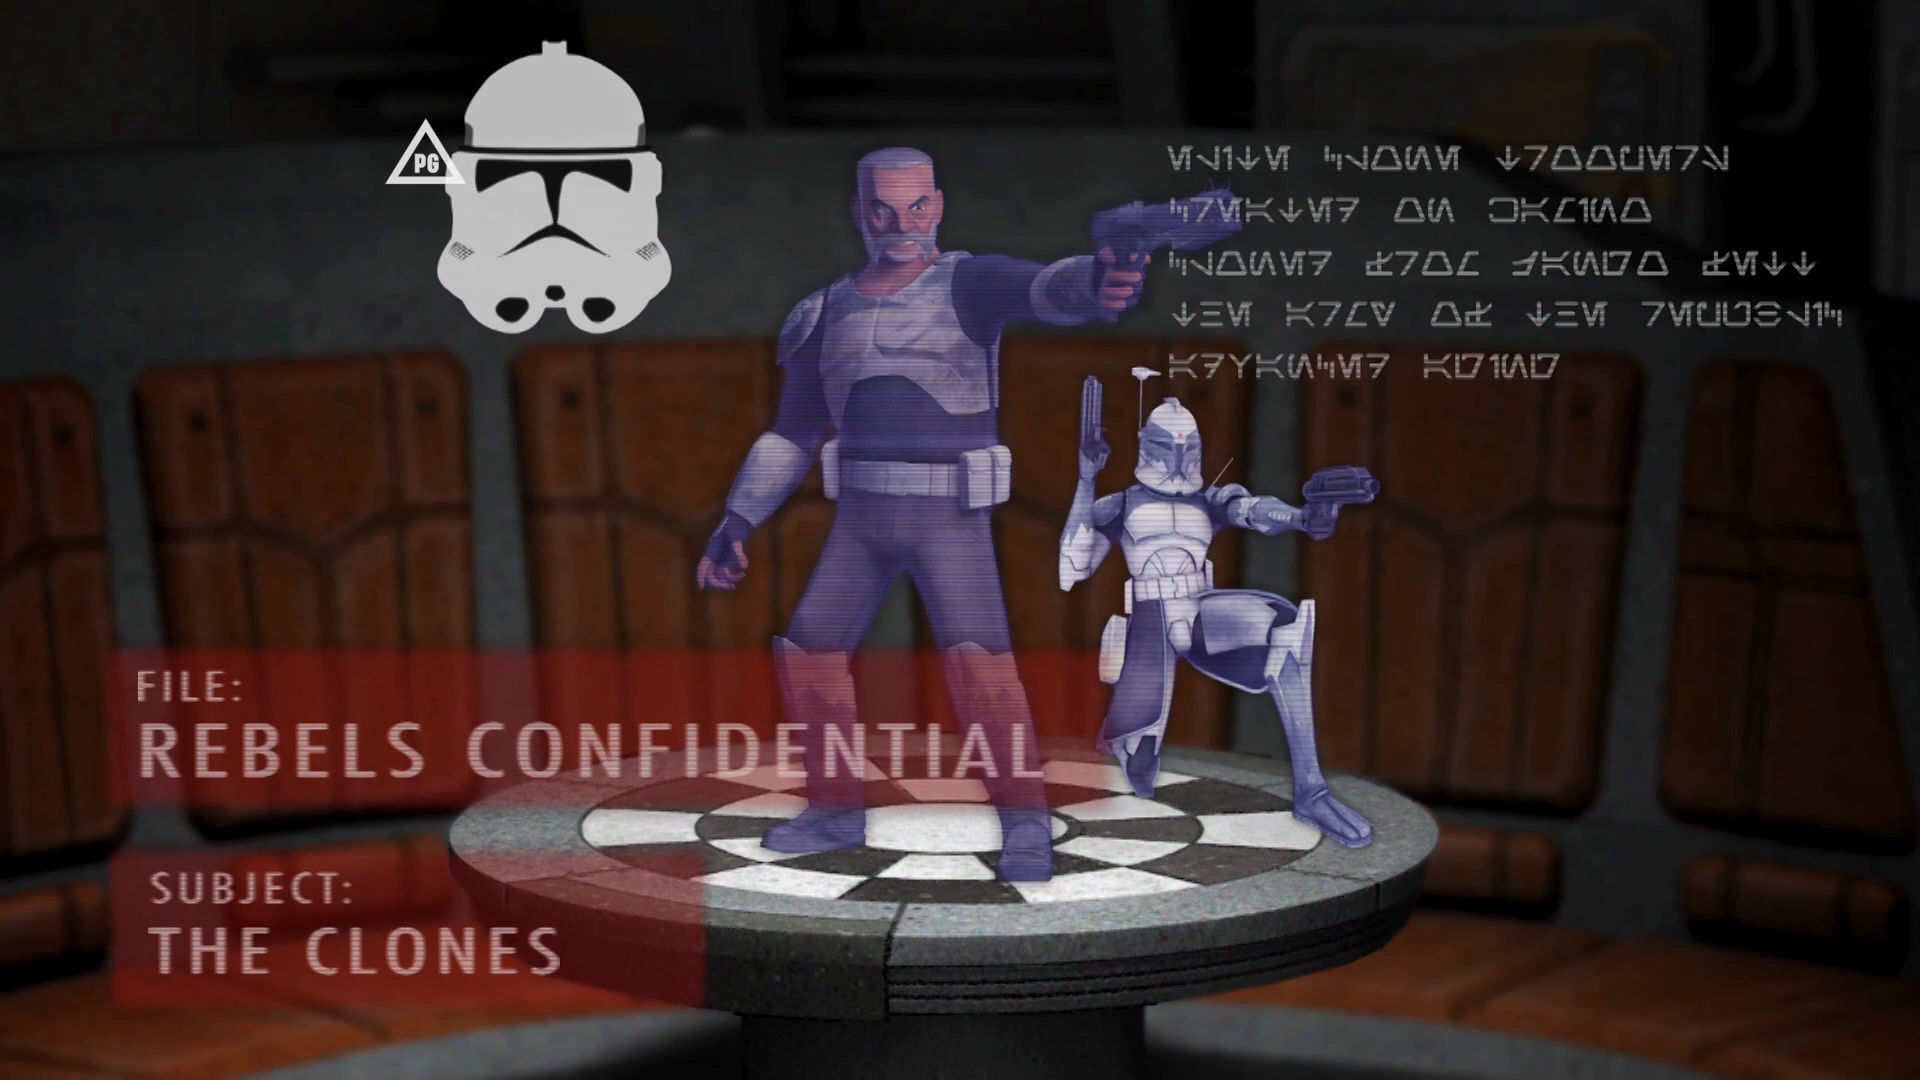 Rebels Confidential: The Clones